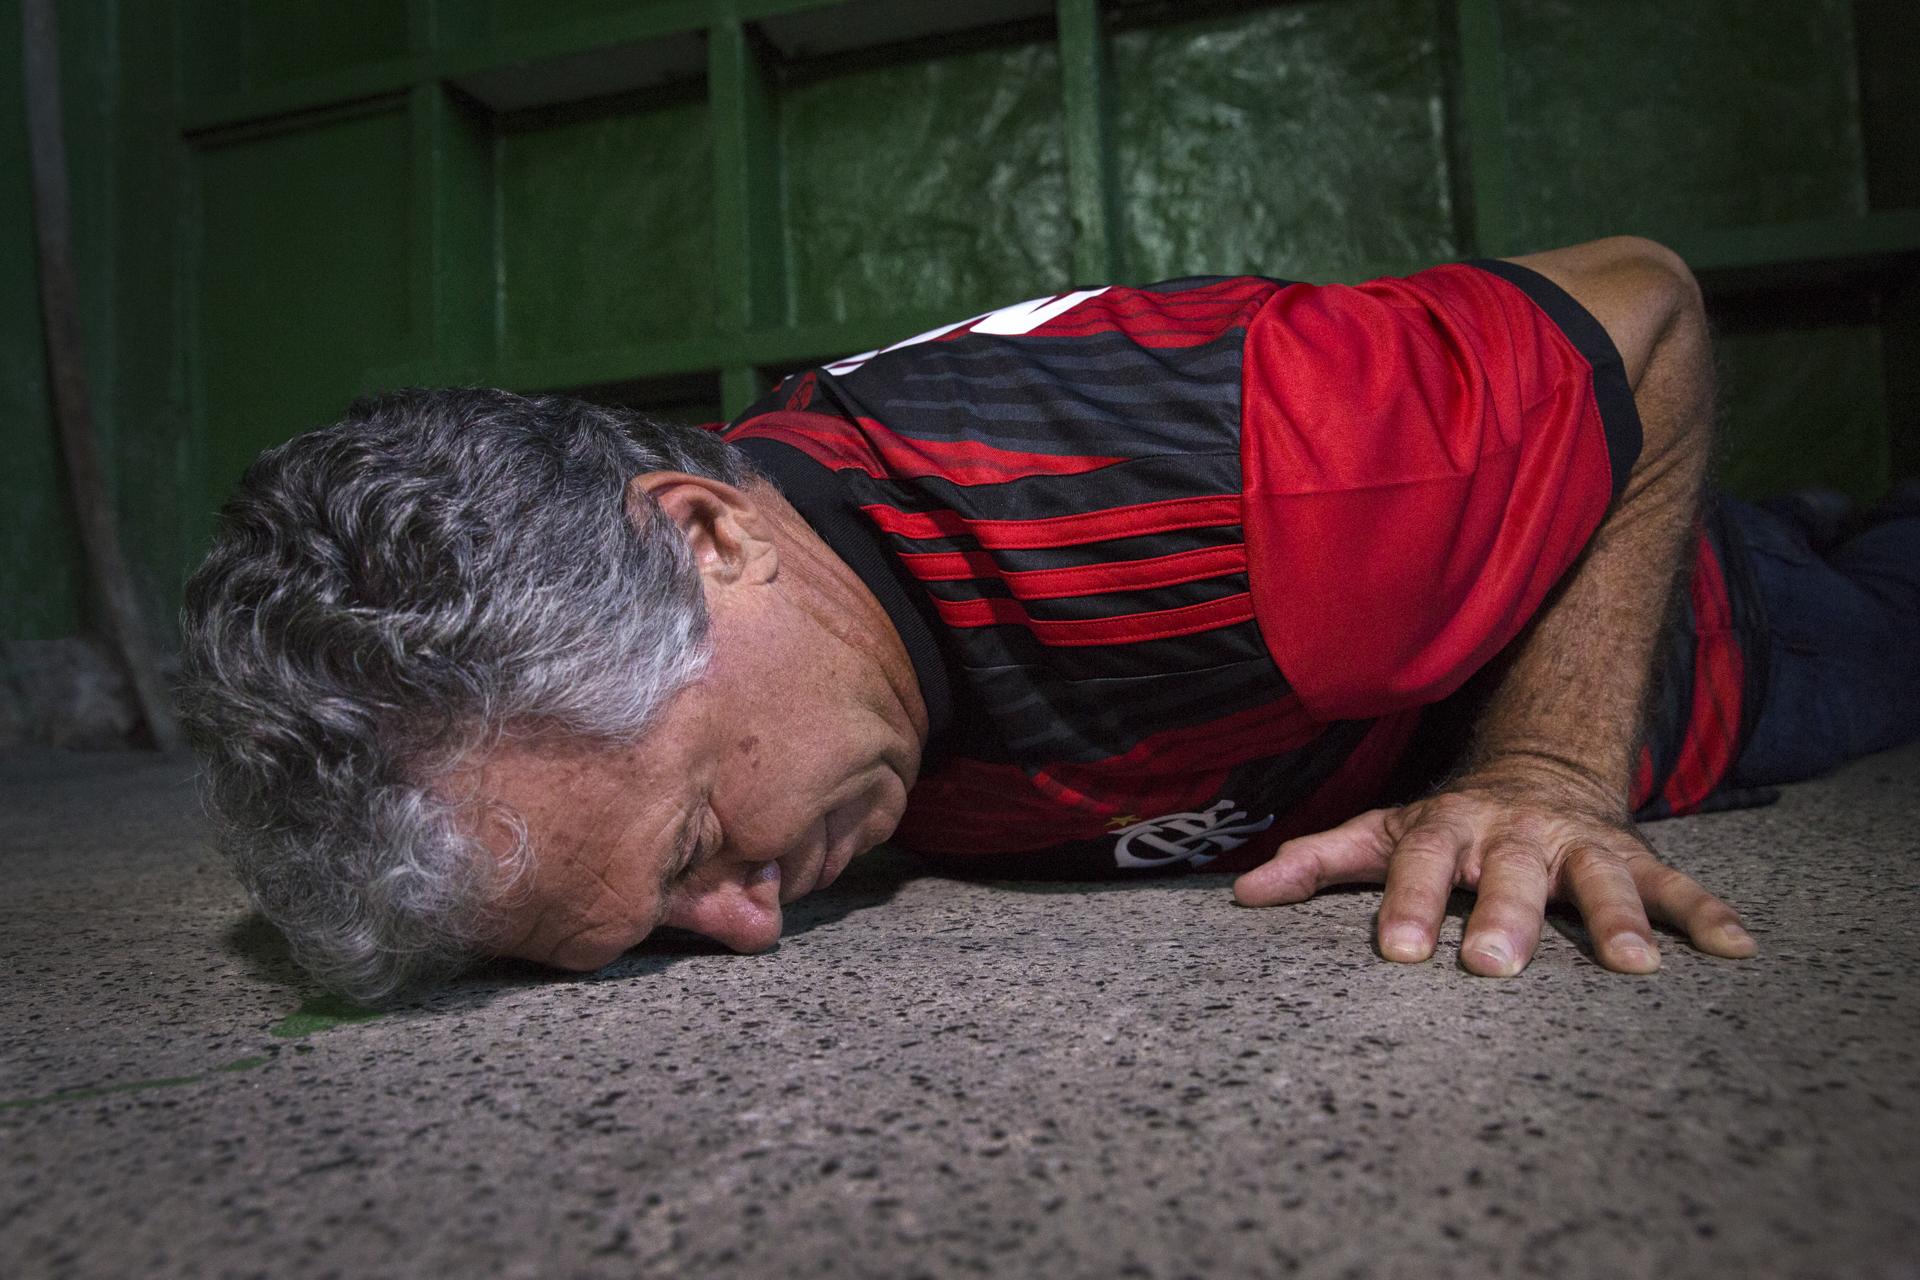 Rondinelli ganhou o apelido de Deus da Raça após arrastar o rosto no chão para salvar uma bola.